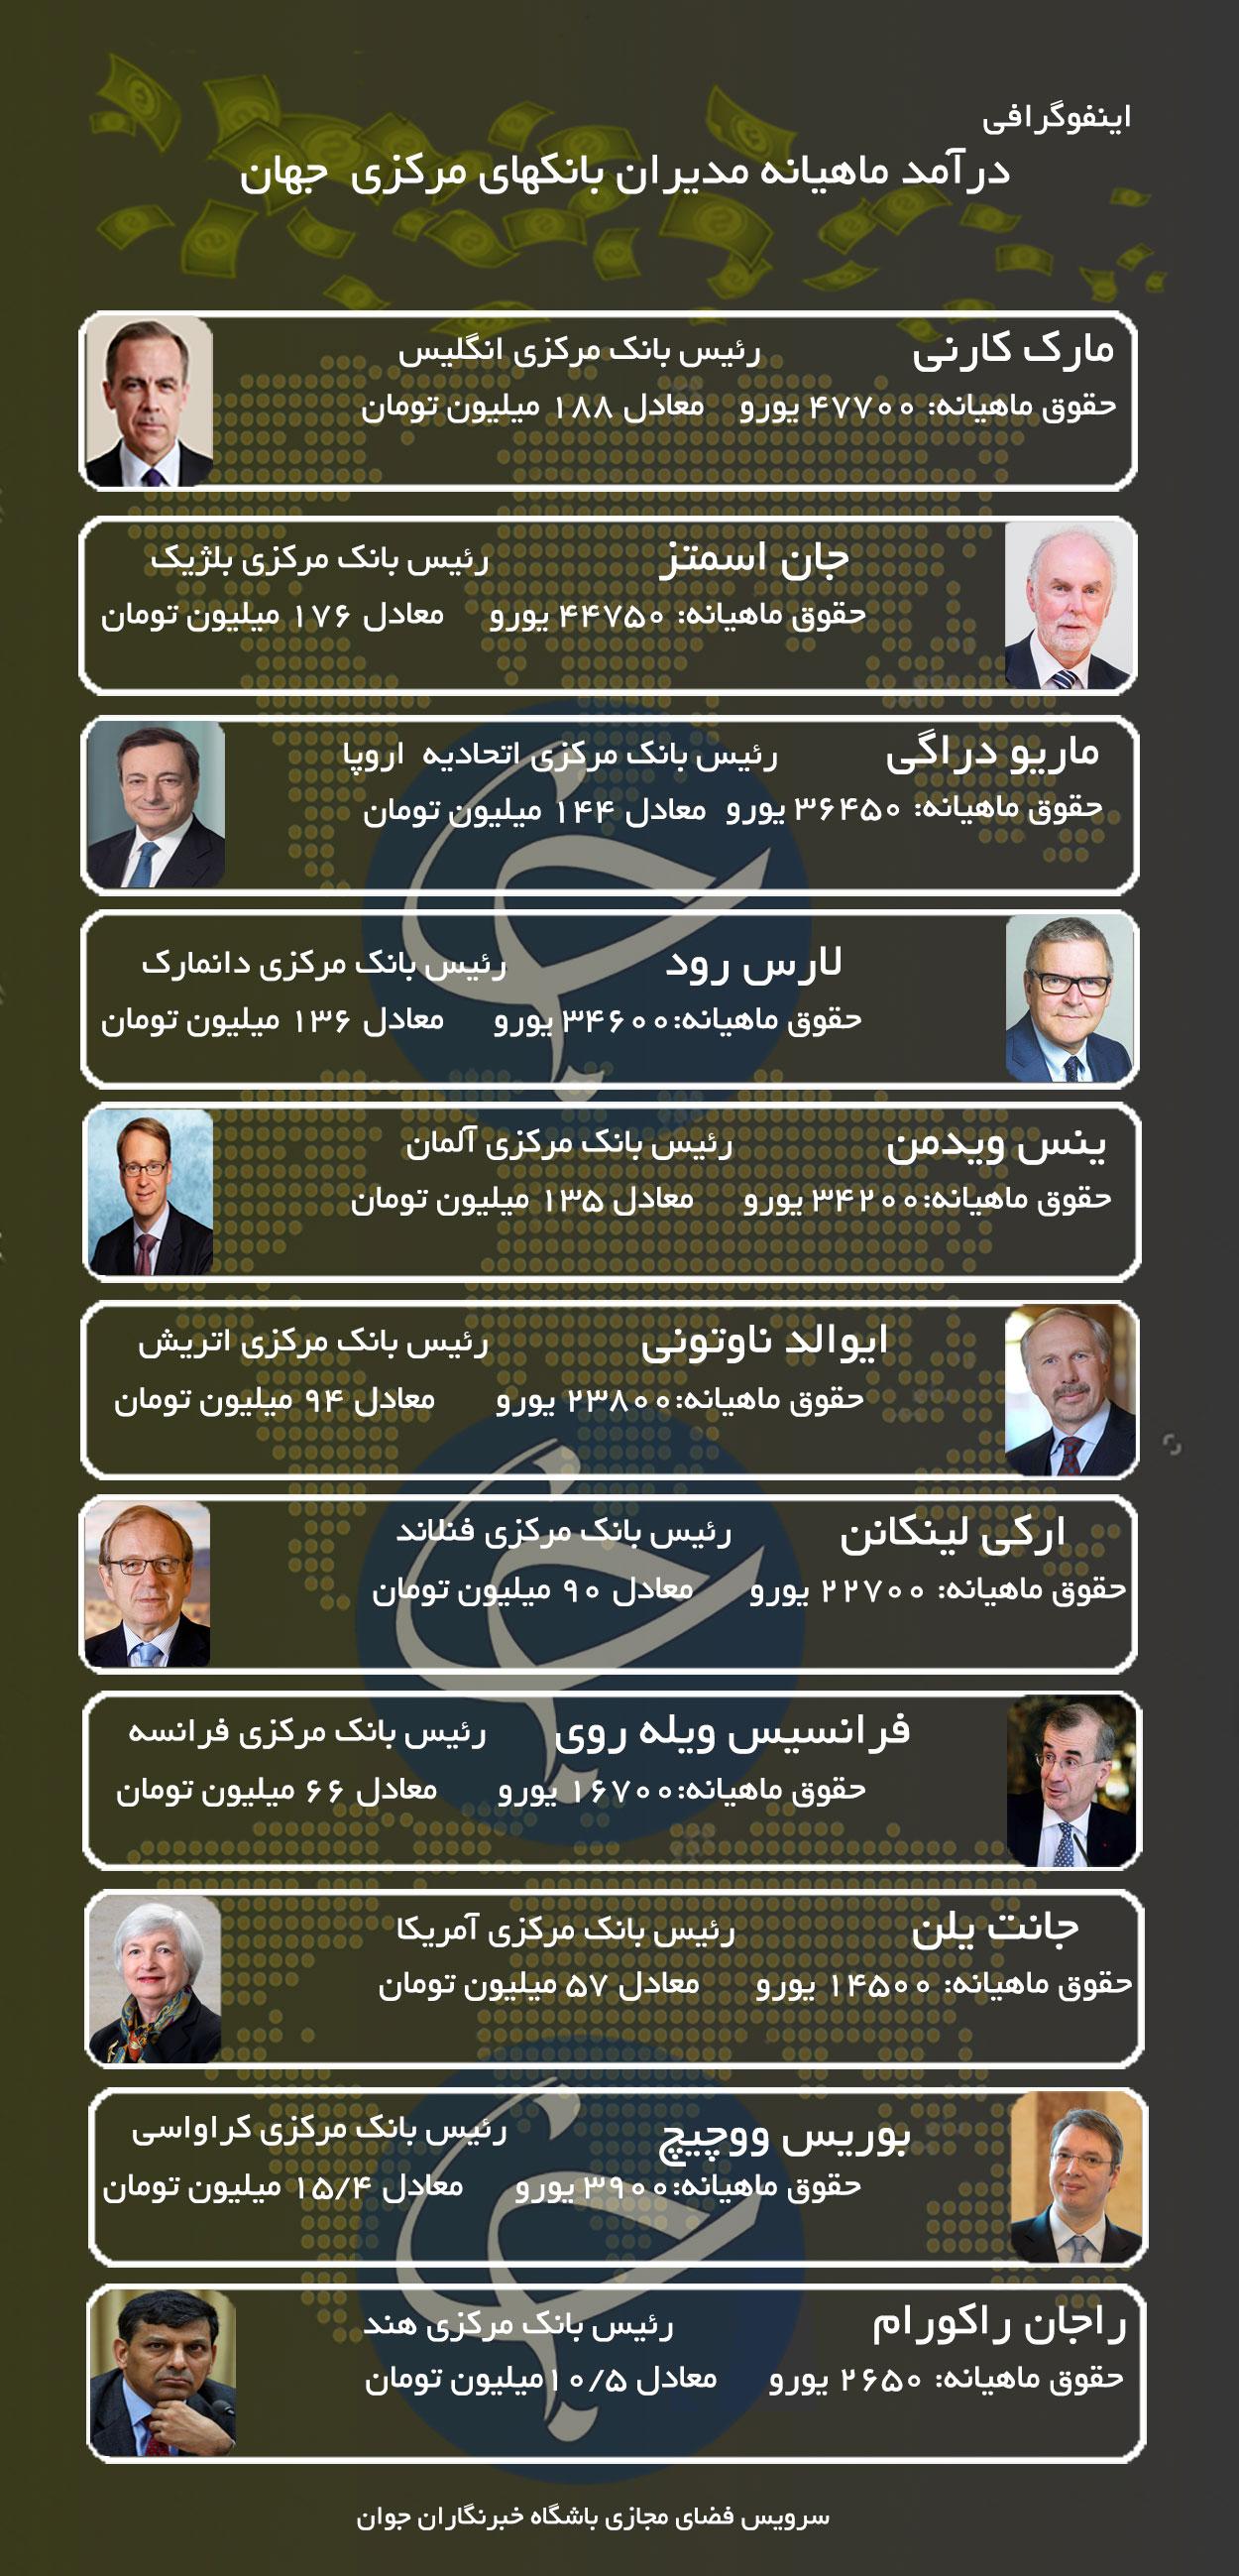 فیش حقوقی مدیران بانک های مرکزی جهان +اینفوگرافی